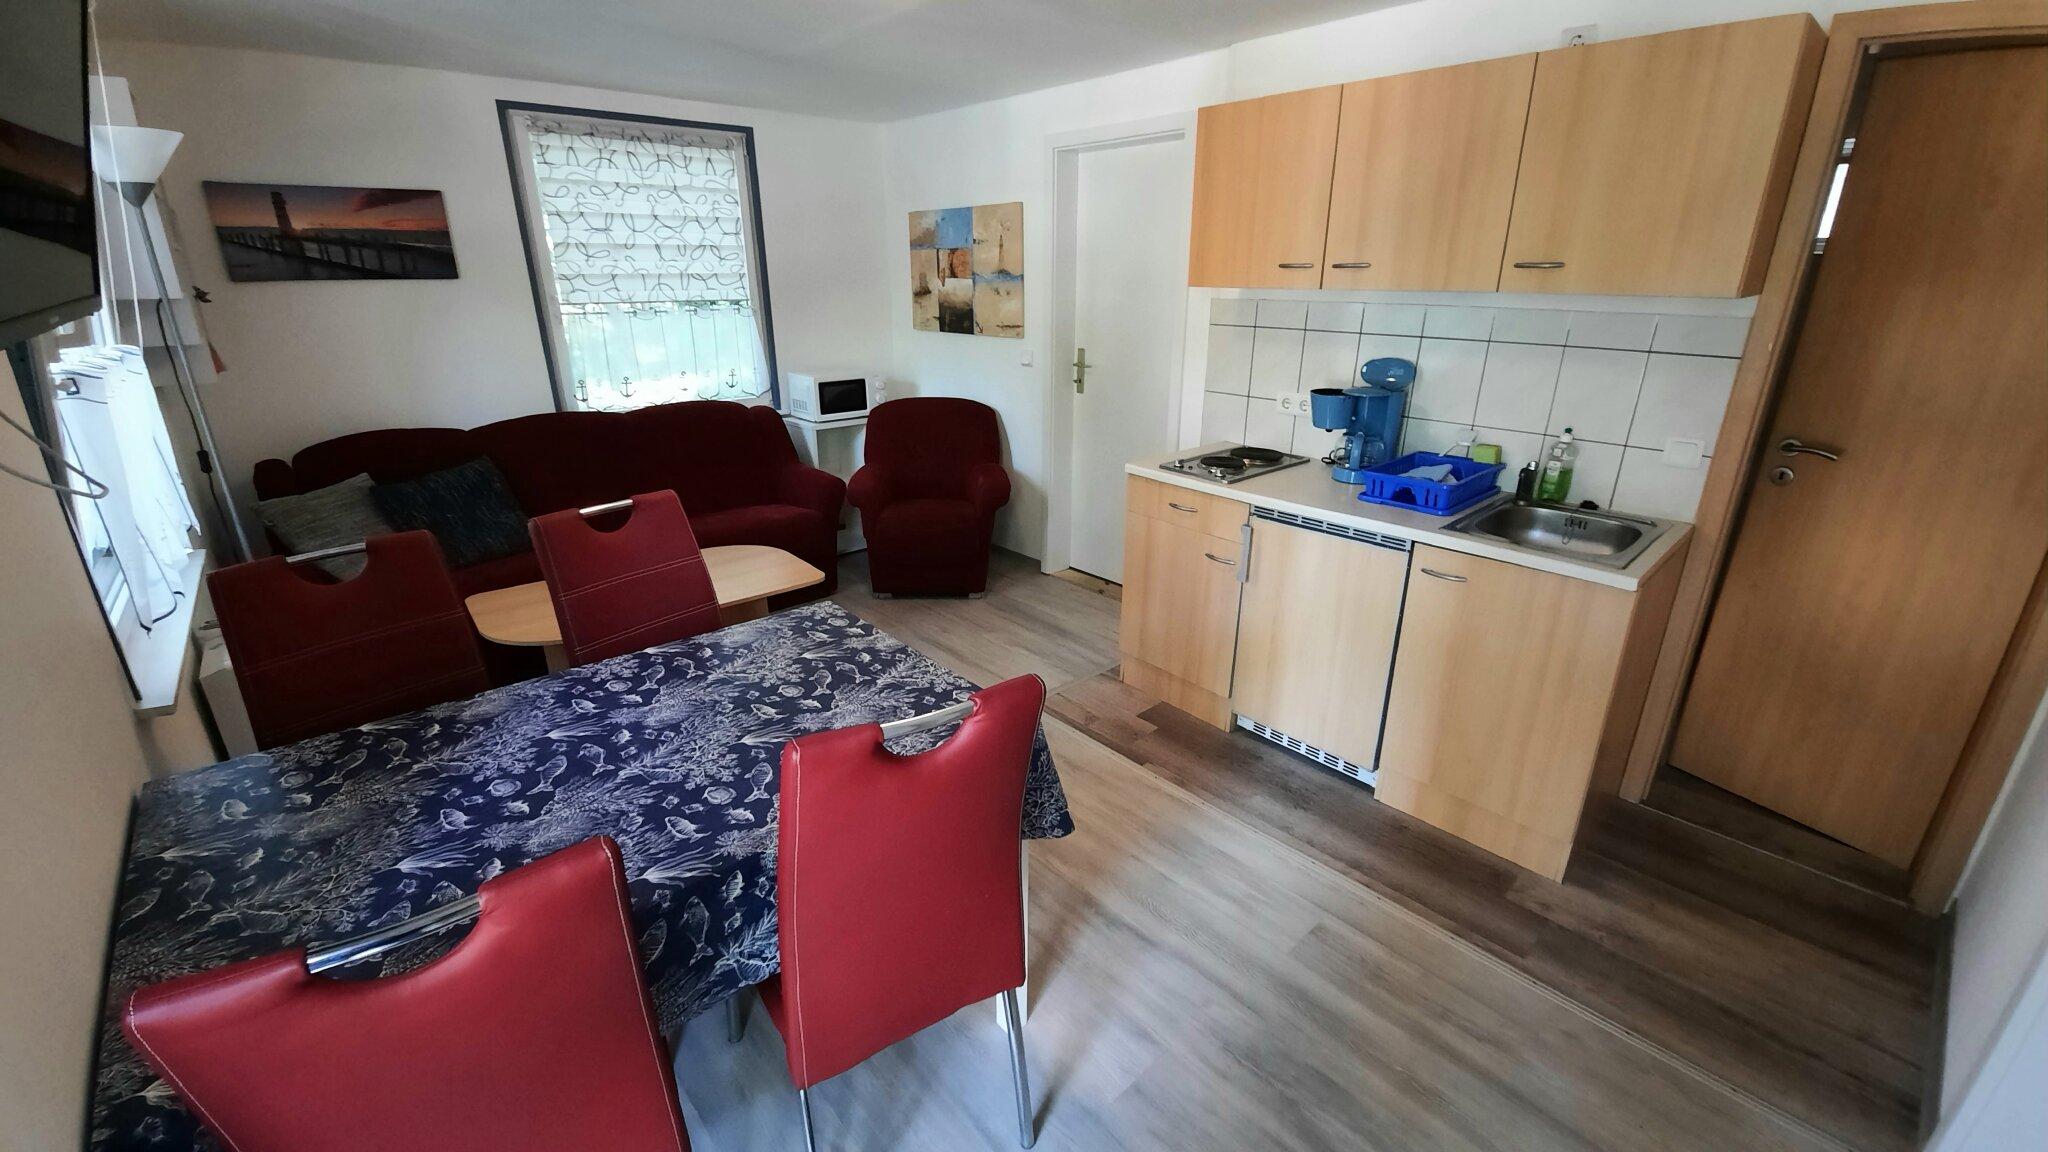 Zusatzbild Nr. 02 von Ferienhaus Kay - Wohnung 3